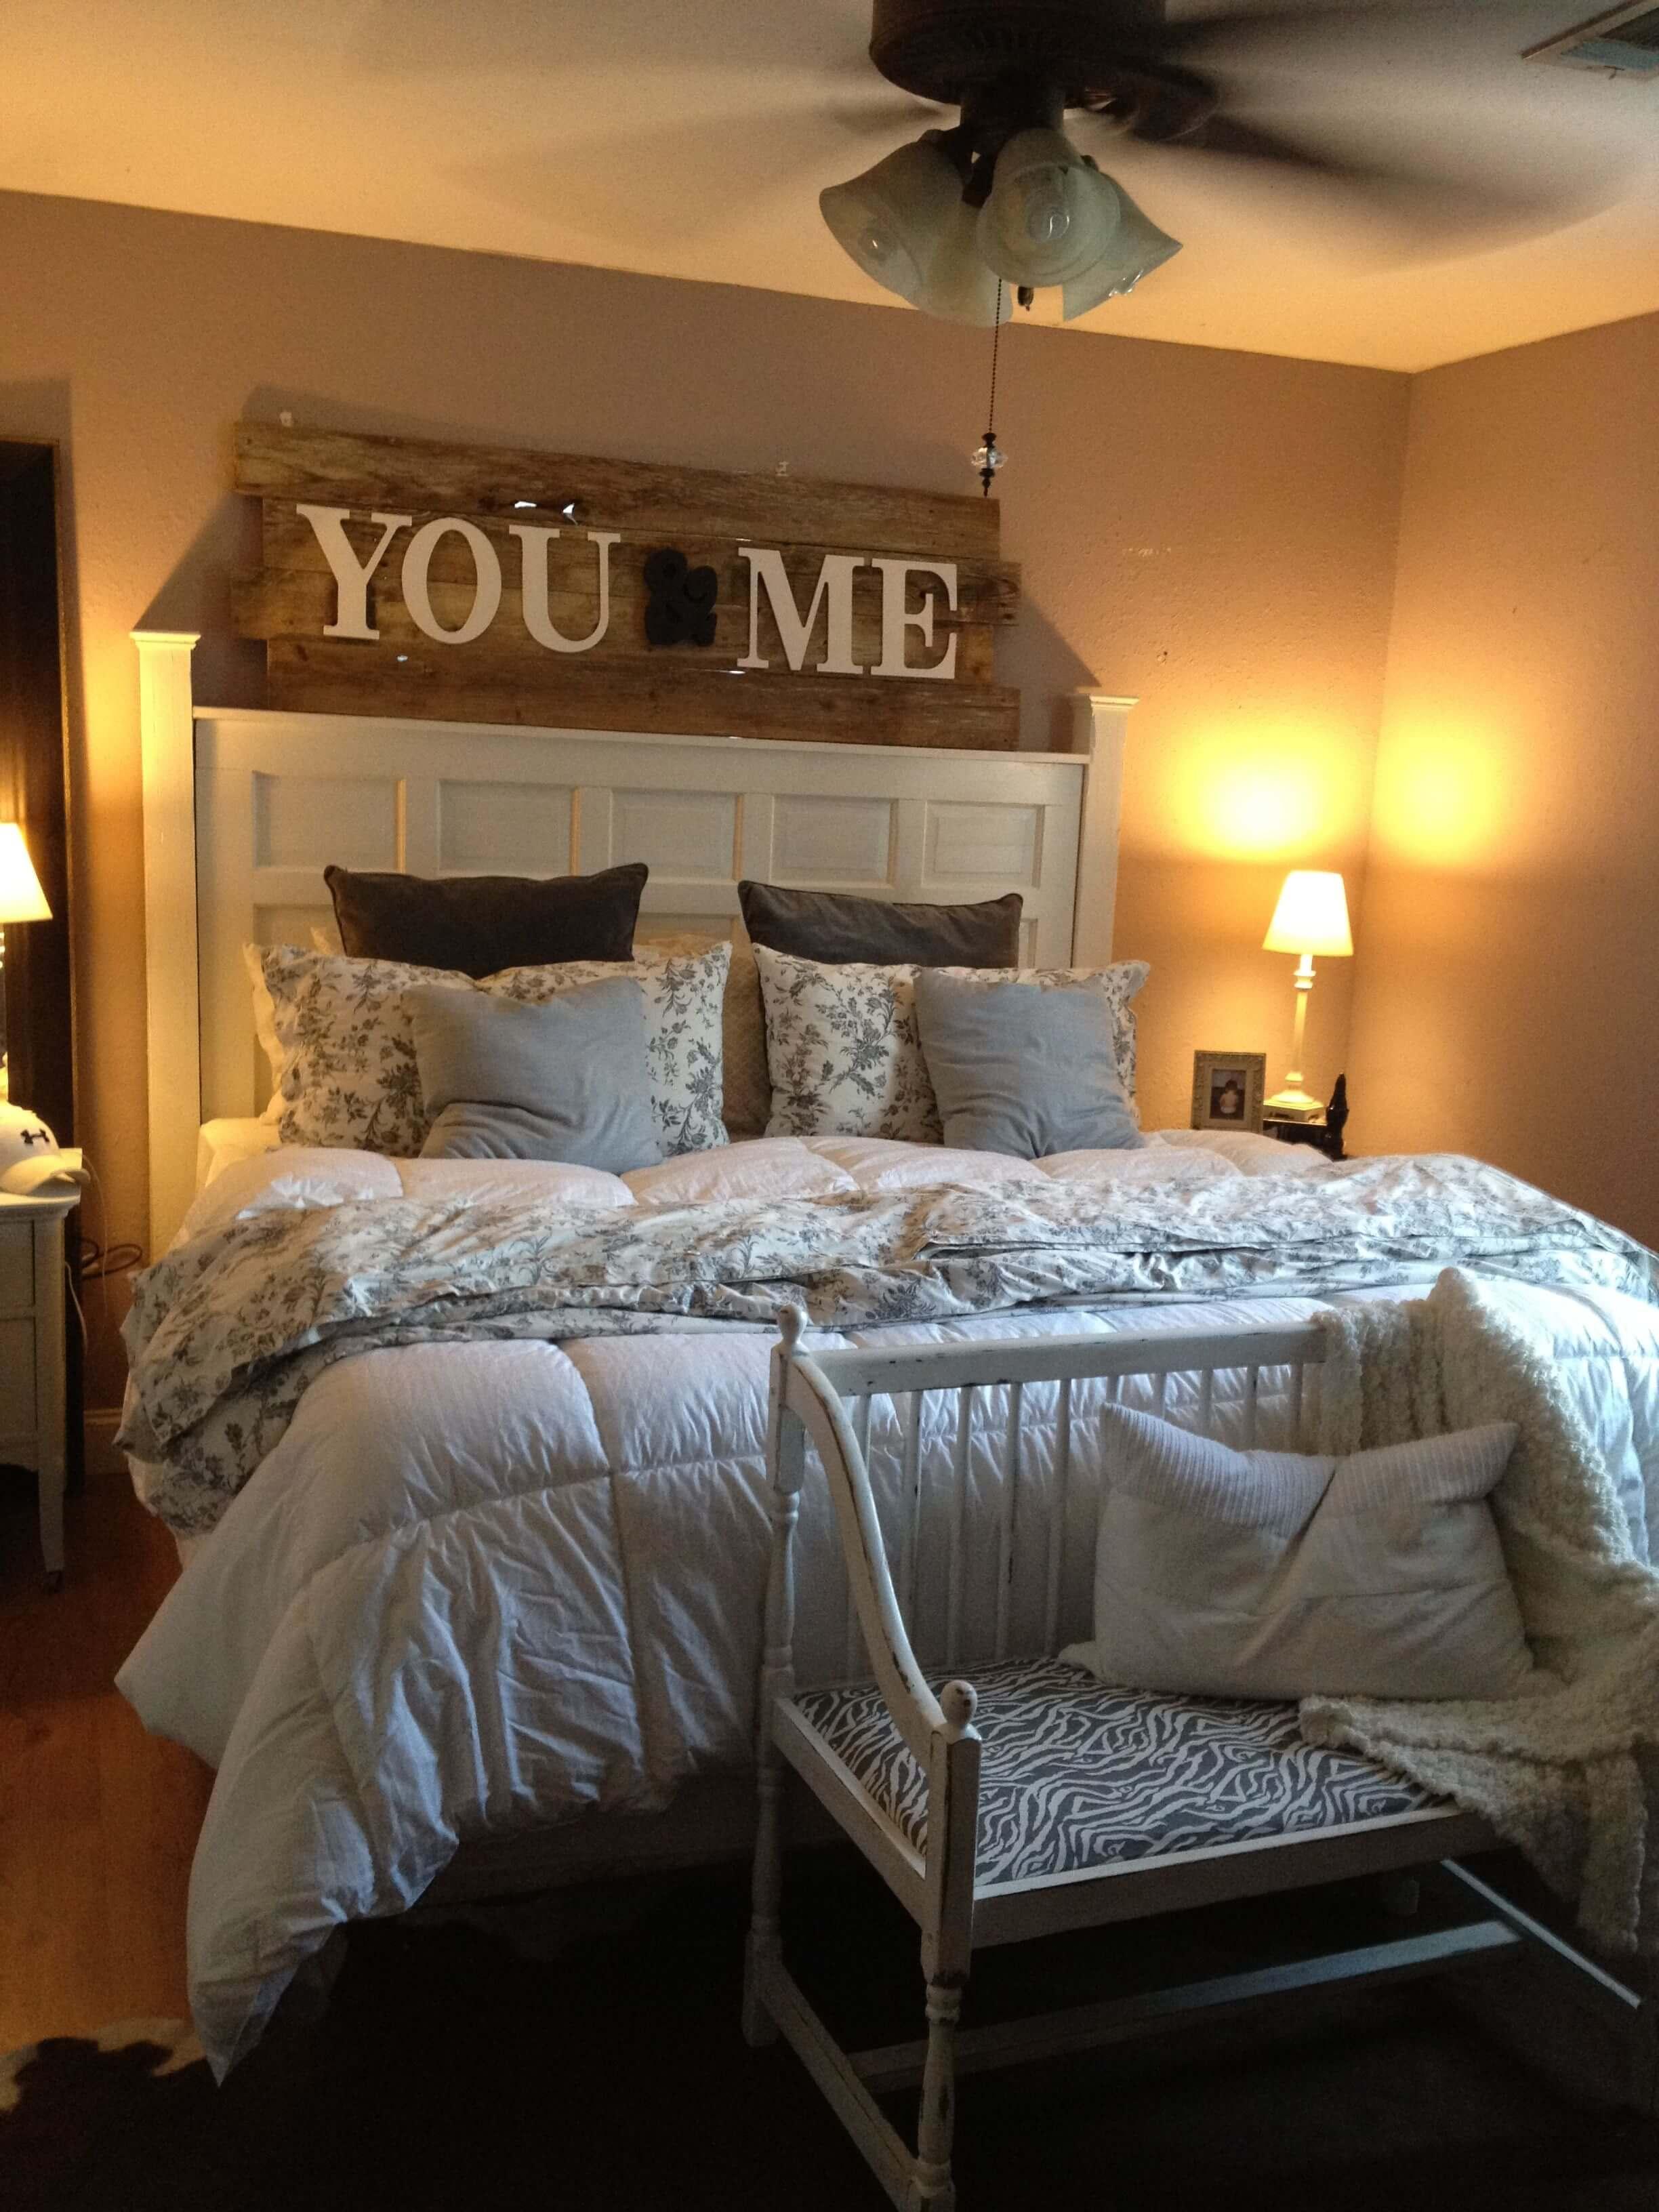 Camera da letto parete dec 15 idee per decorare con la for Camera da letto 2018